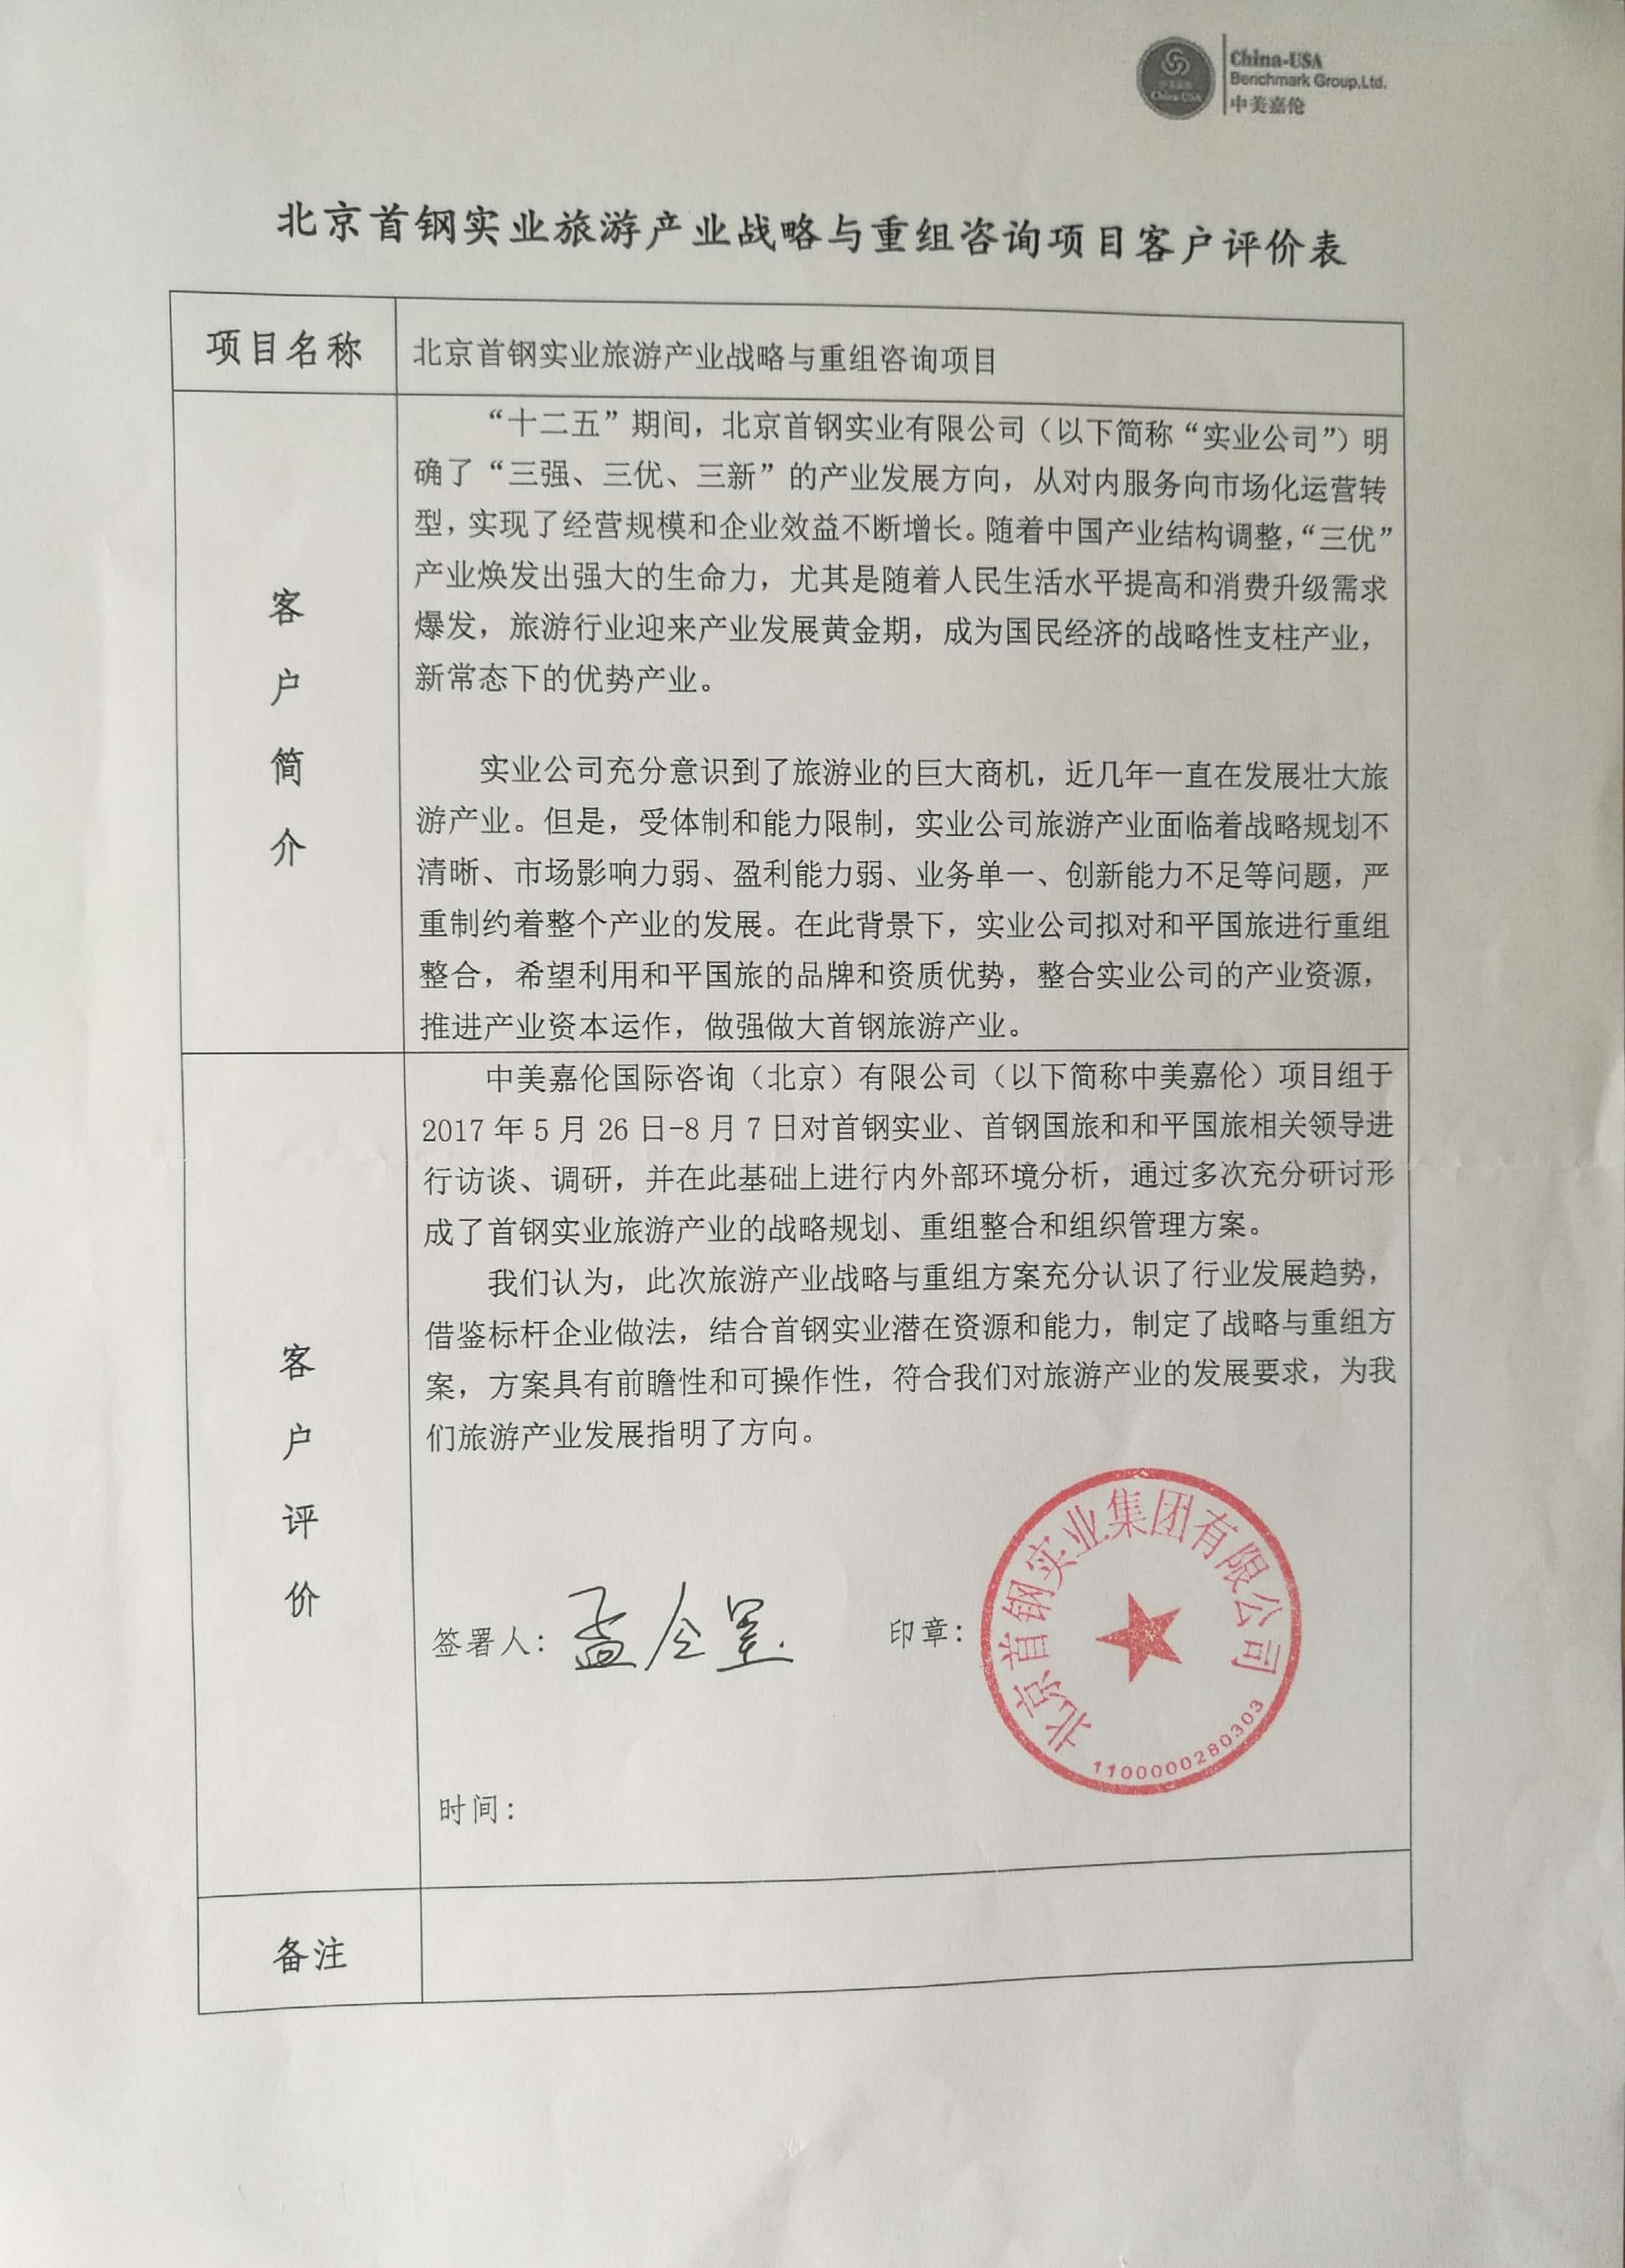 北京首钢实业旅游产业战略与重组咨询项目